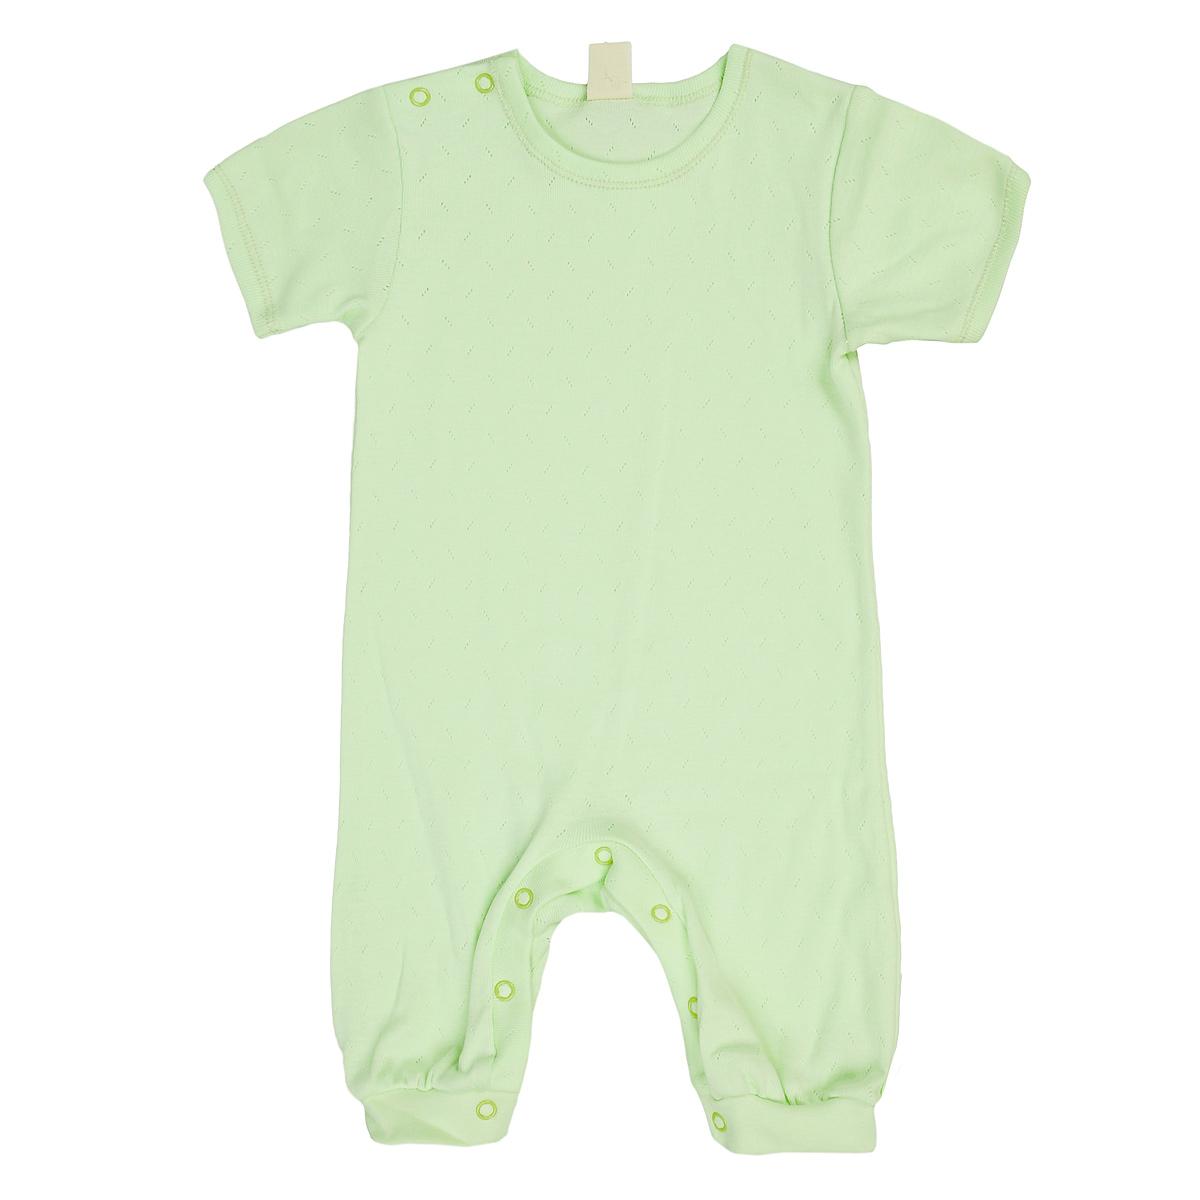 Песочник детский Lucky Child, цвет: светло-зеленый. 0-28. Размер 62/680-28Песочник Lucky Child, изготовленный из натурального хлопка, очень мягкий и приятный на ощупь, не раздражает даже самую нежную и чувствительную кожу ребенка, обеспечивая ему наибольший комфорт. Благодаря натуральному материалу песочник не сковывает движения младенца и позволяет коже дышать. Песочник с короткими рукавами, застегивается на кнопки по плечу и на ластовице, что облегчает процесс переодевания ребенка и смену подгузника. Эластичные швы приятны телу и не препятствуют движениям ребенка.Такое песочник, несомненно, понравится вашей малютке и станет отличным дополнением к детскому гардеробу!